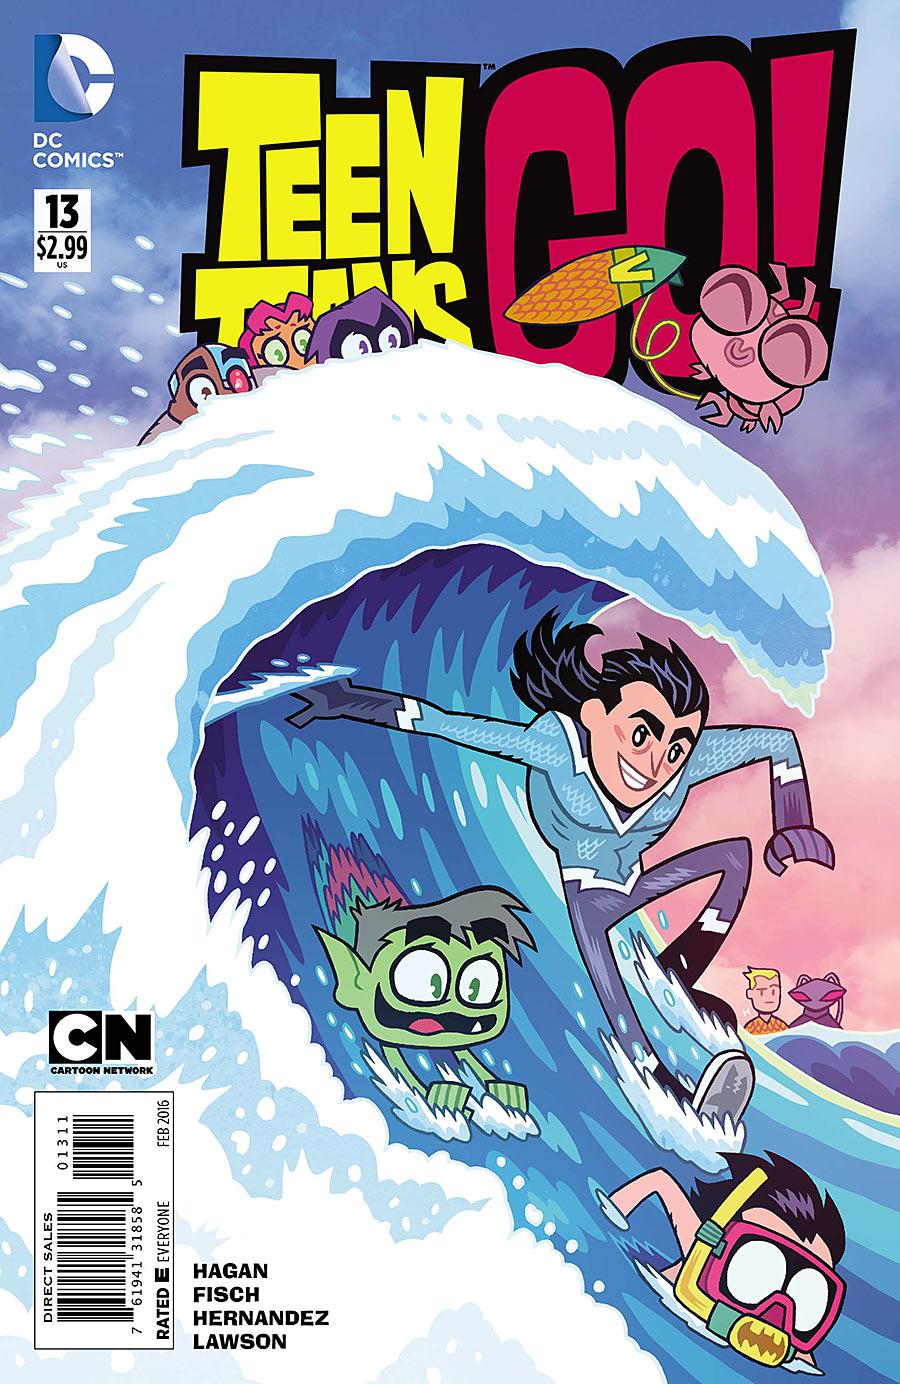 Teen Titans Go! #13